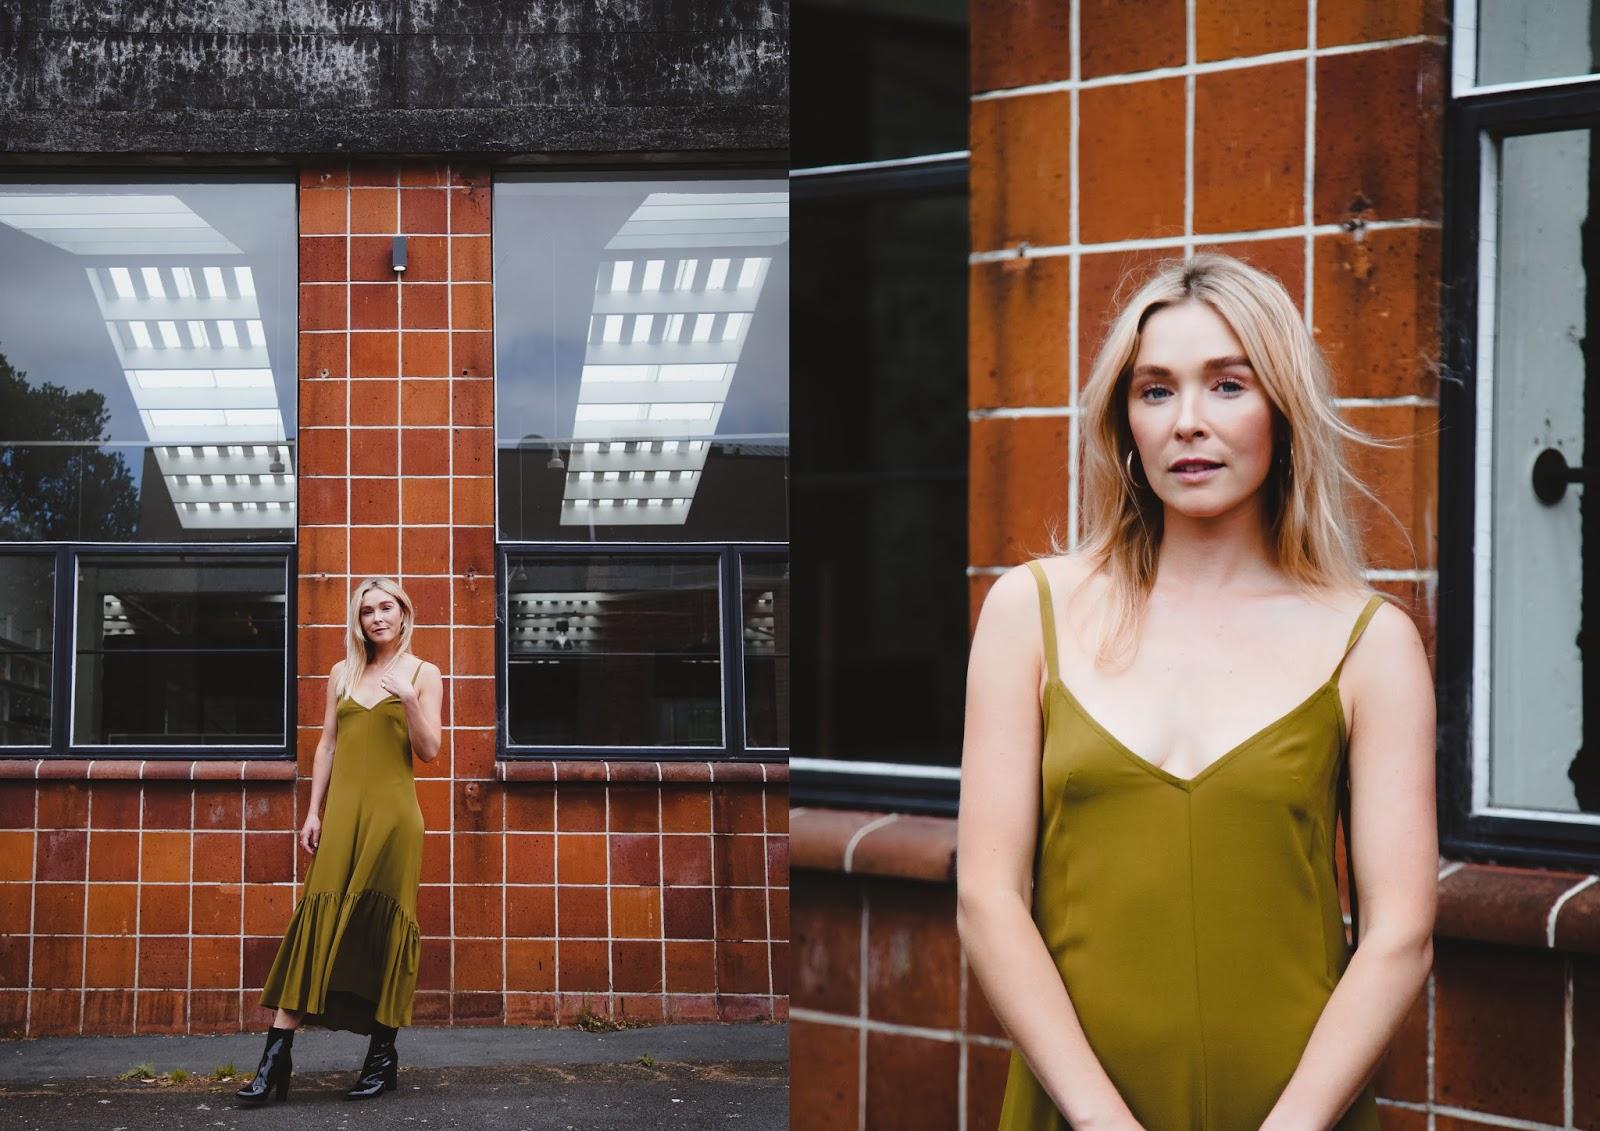 Gracie_Taylor-urban1-1.jpg